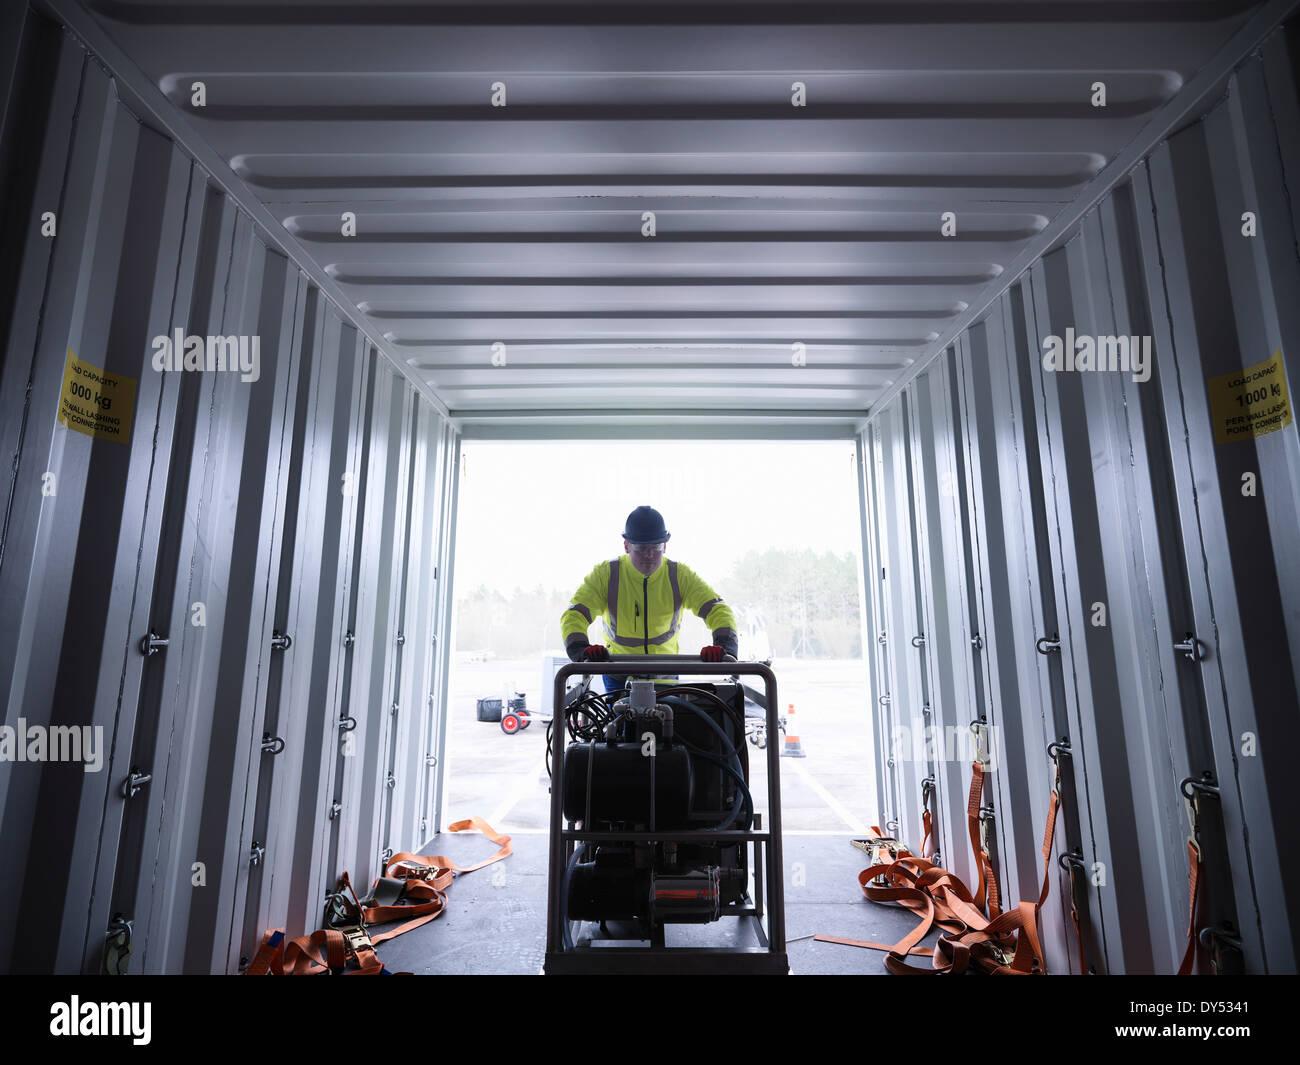 Travailleur de l'équipe d'intervention d'urgence de l'équipement de déchargement du conteneur d'expédition Photo Stock